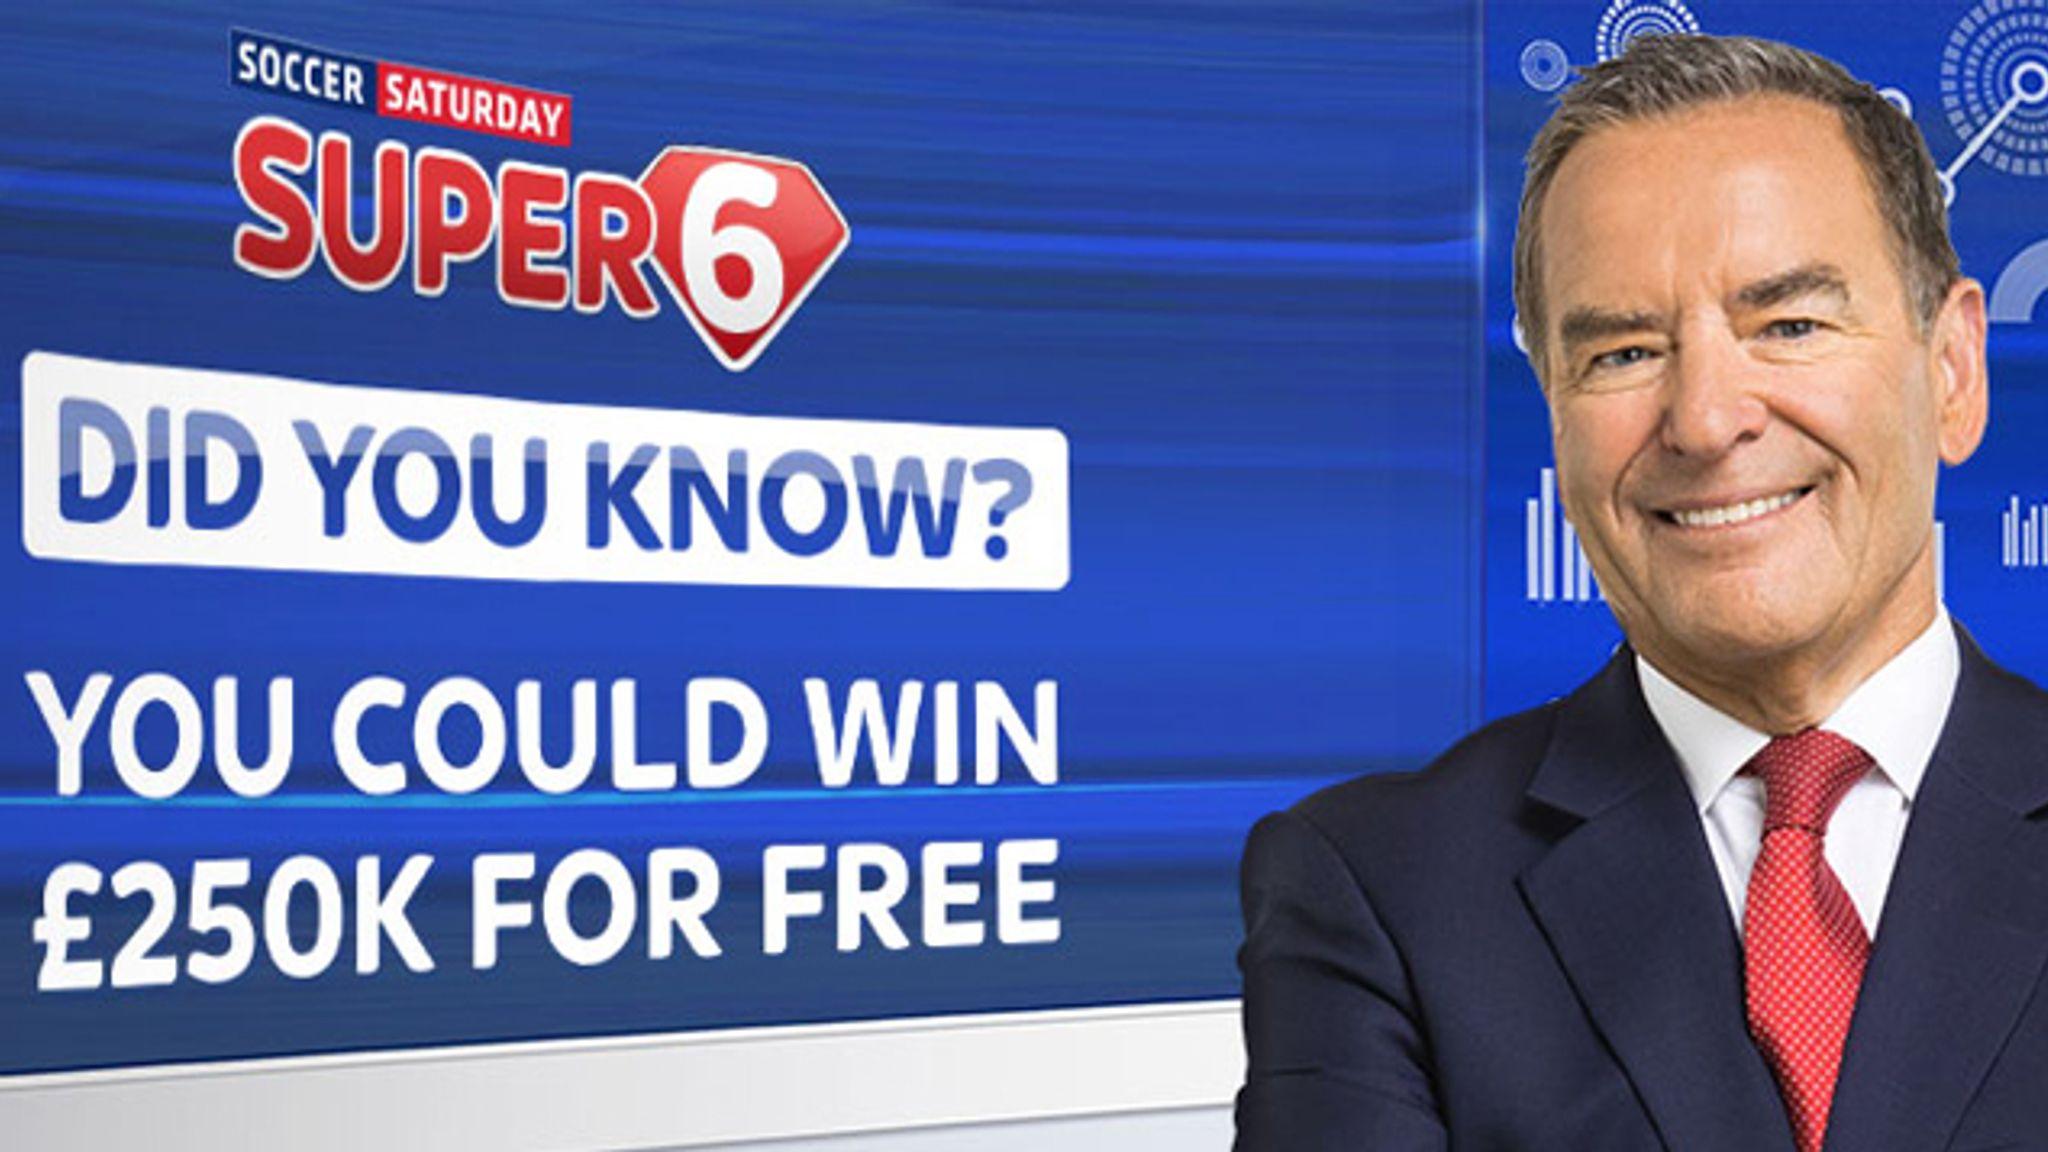 Super 6 - Win £250K! | Football News | Sky Sports